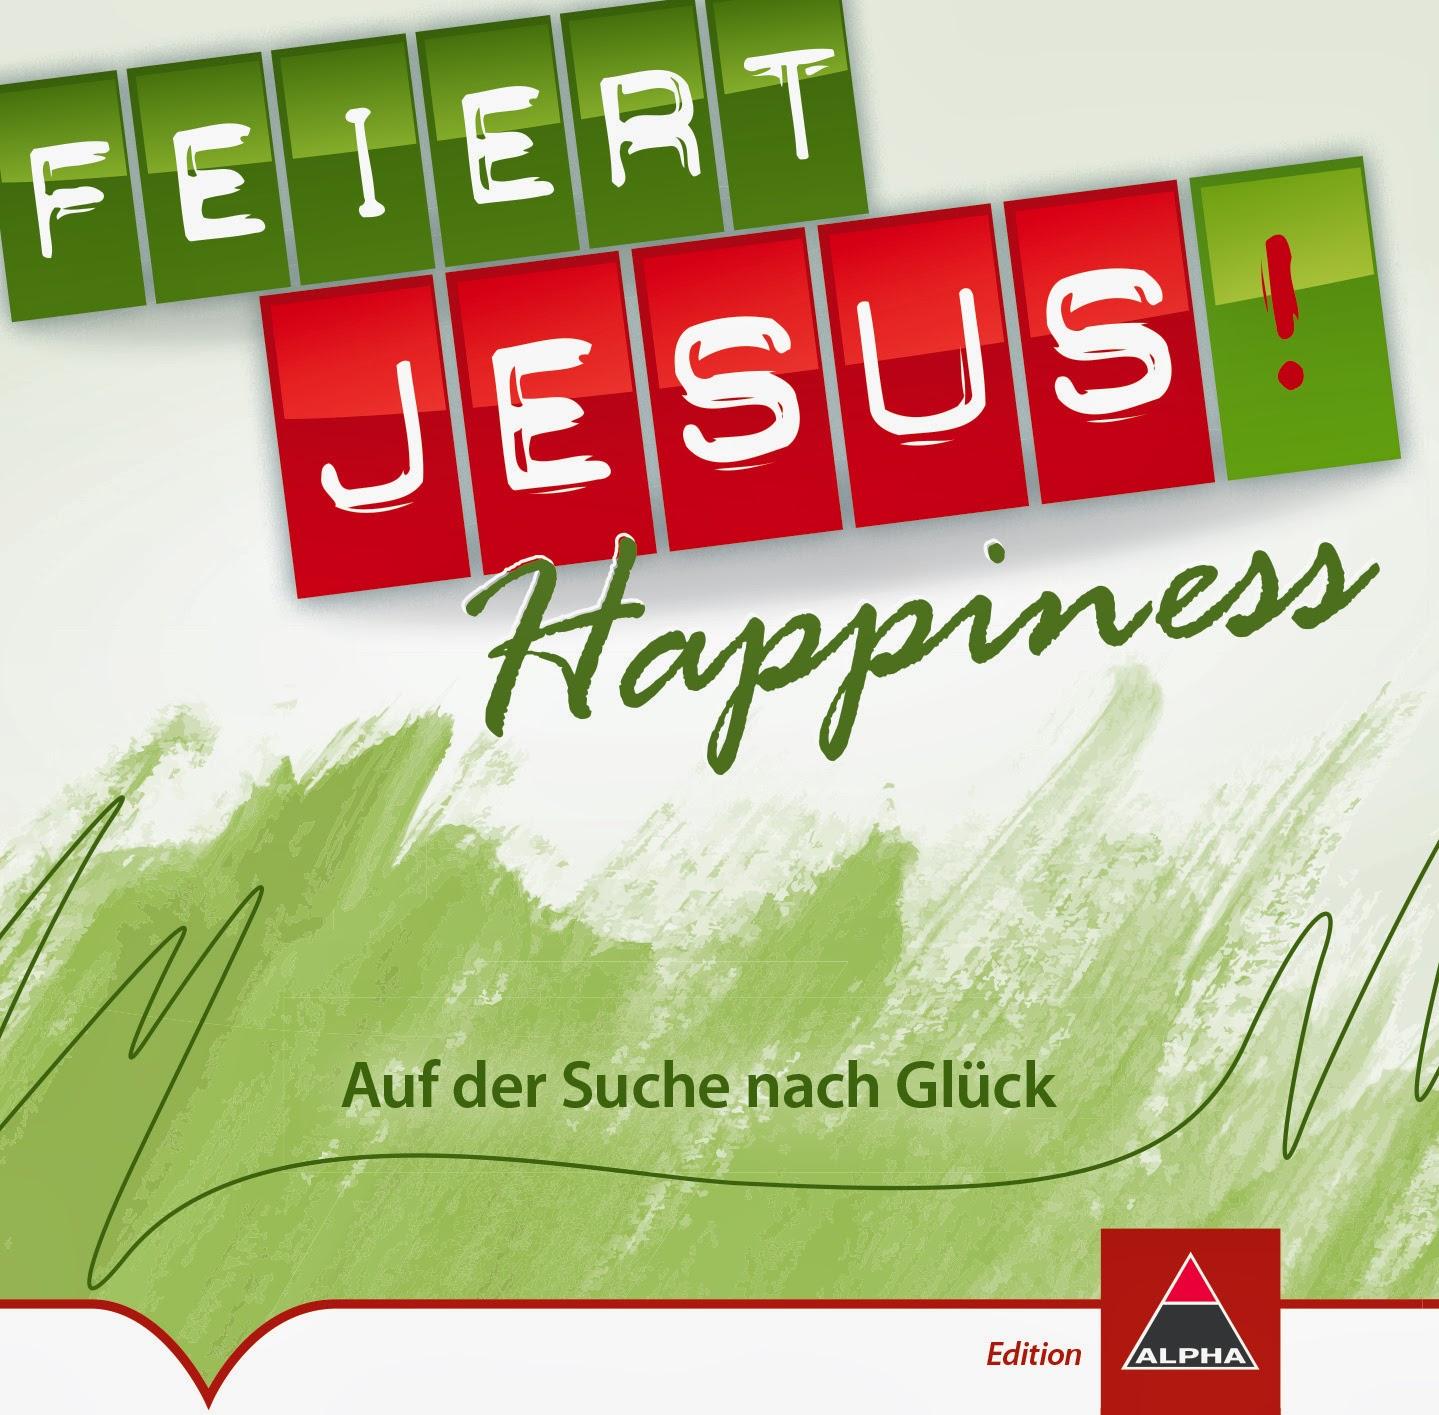 Burnin Heart Reports: CD: Feiert Jesus! Happiness - Auf